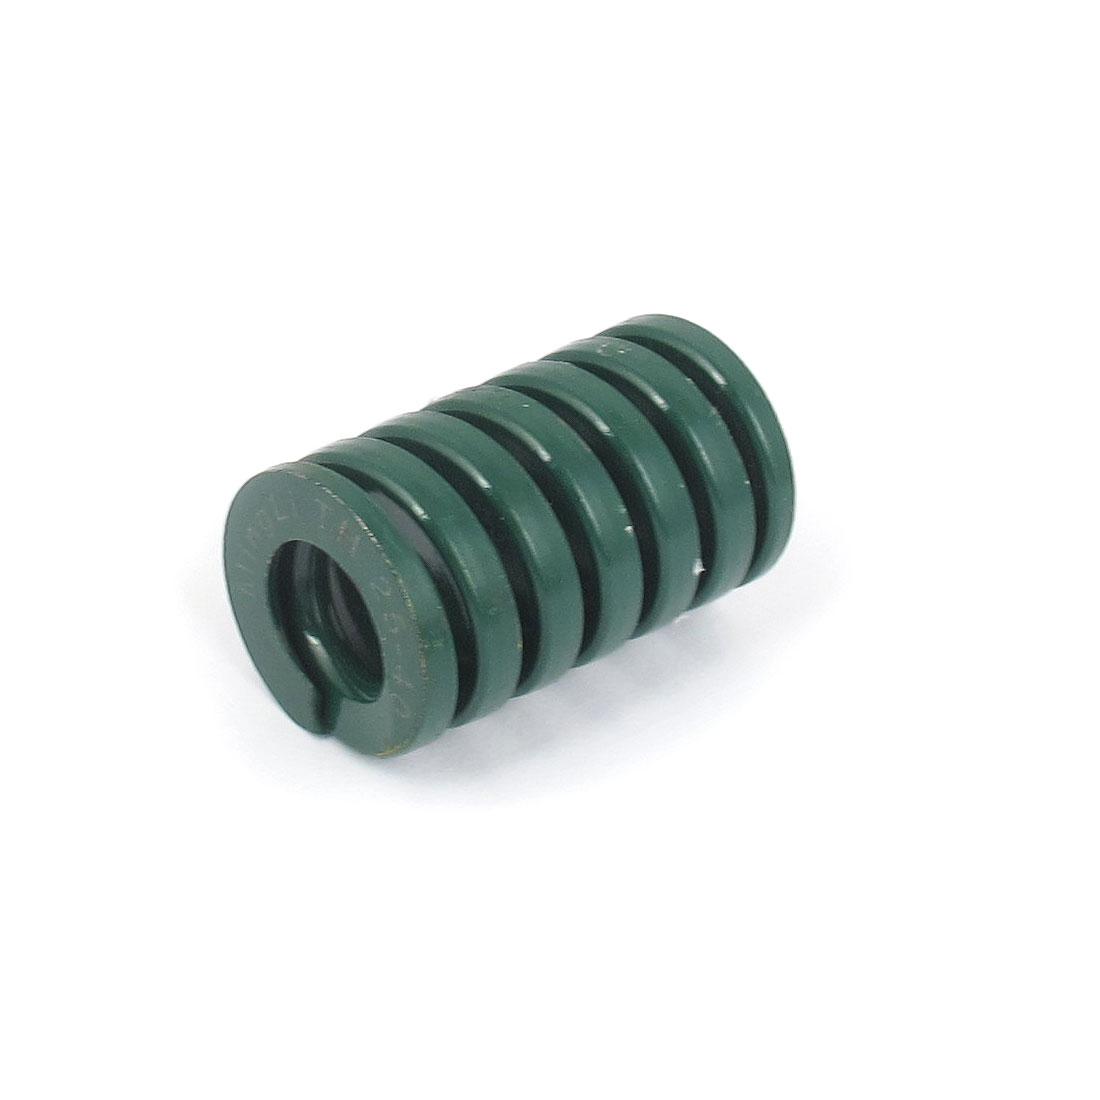 25mmx40mm Chromium Alloy Steel Heavy Load Die Spring Green